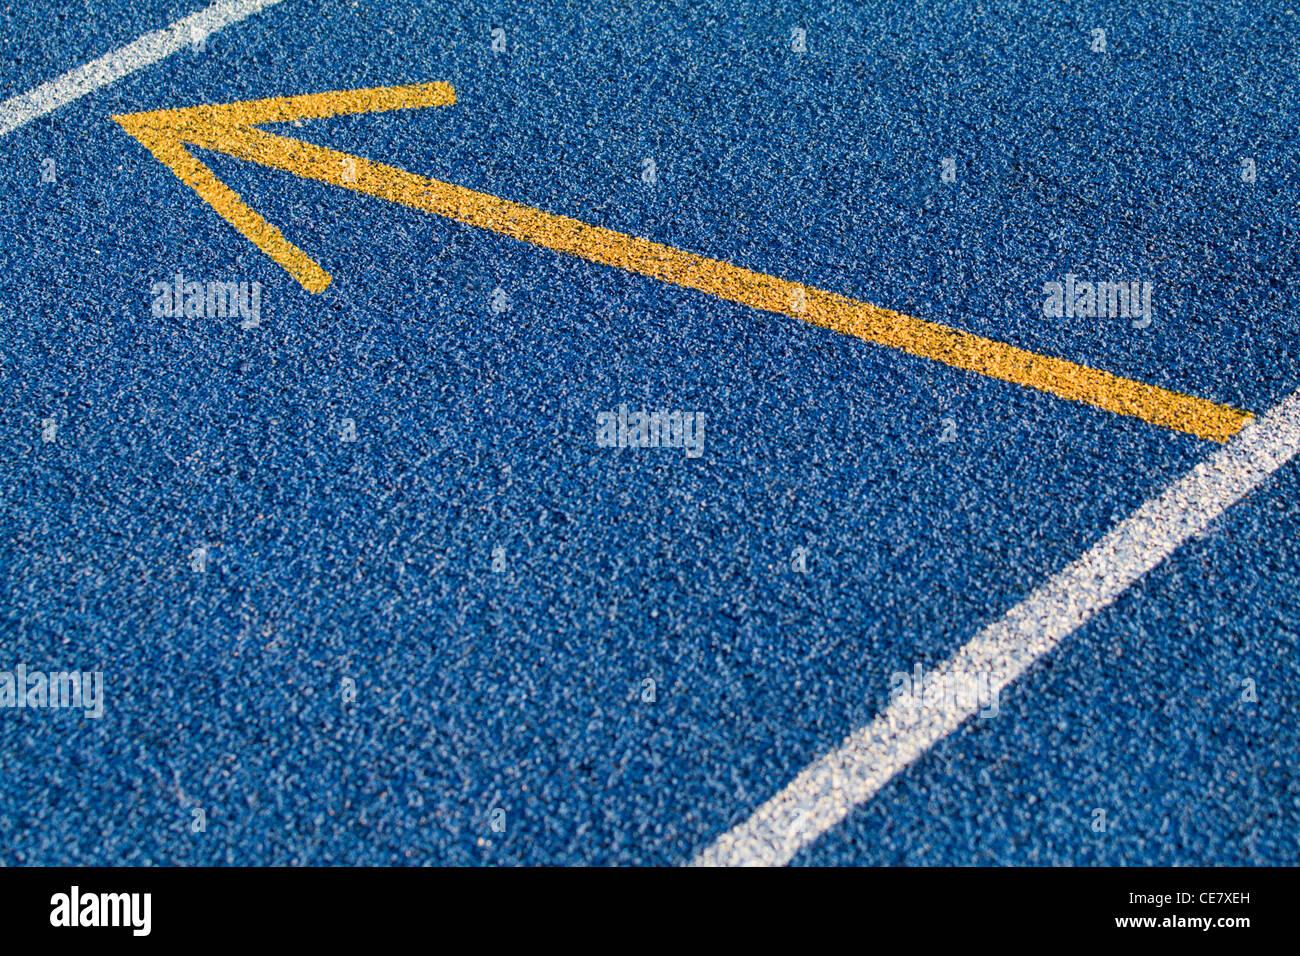 Blaue Tartan Oberfläche mit gelben Pfeil Stockfoto